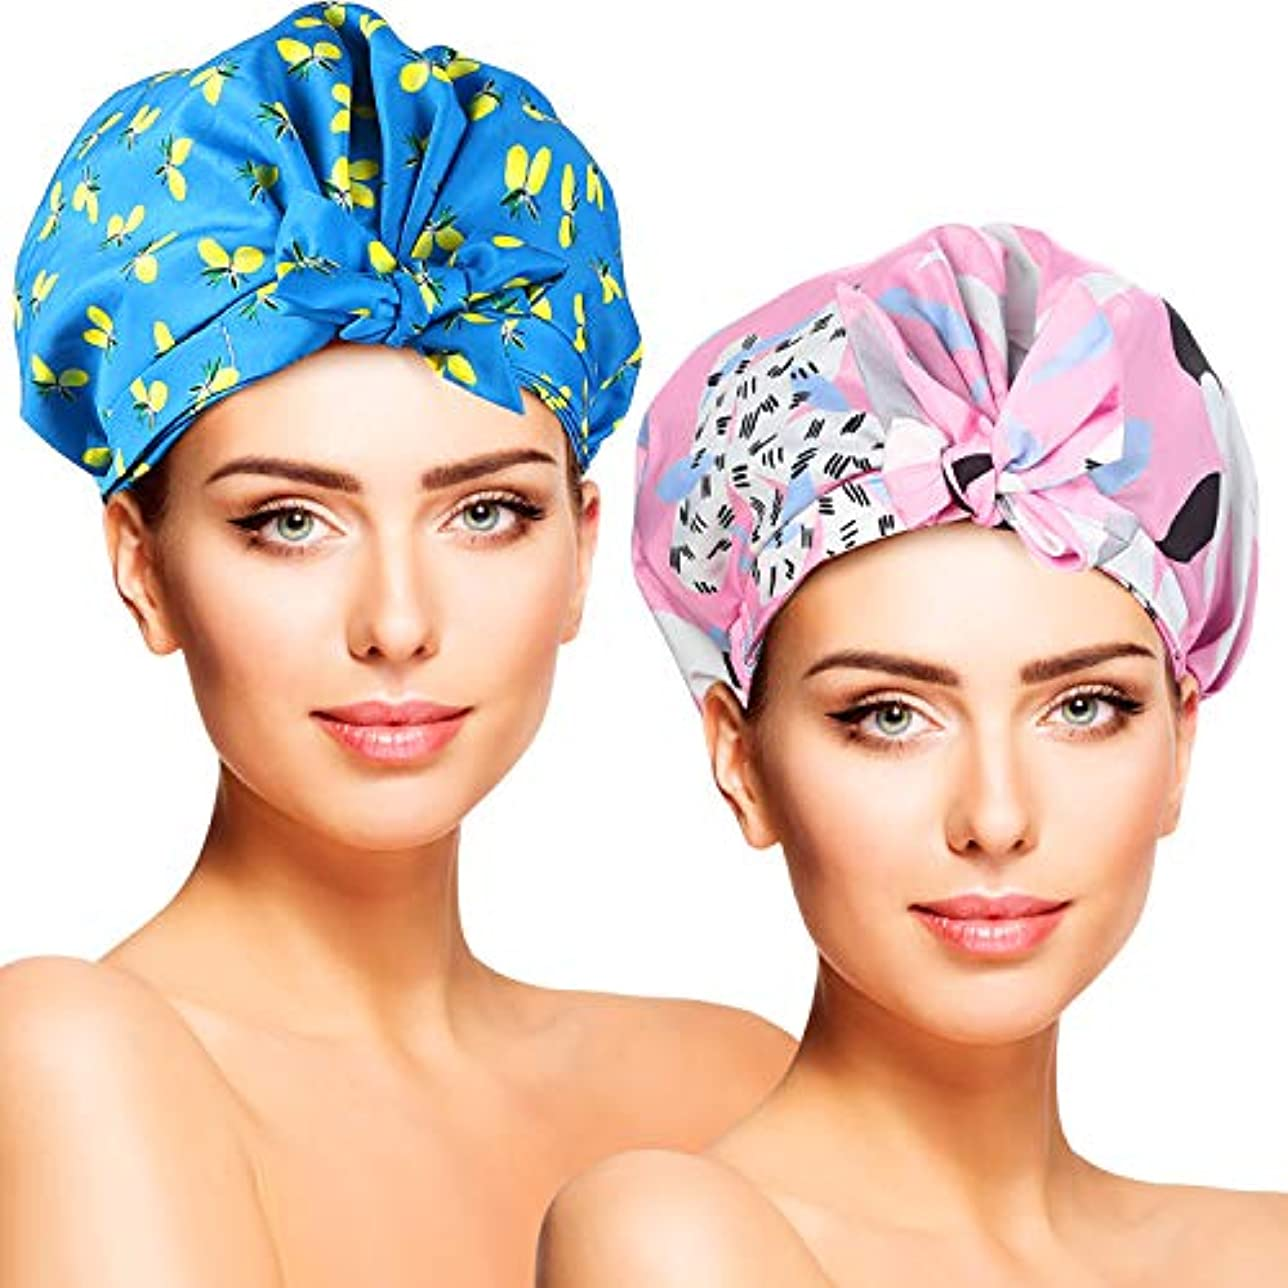 ましい歯車透明にYISUN シャワーキャップ 2枚セット 二重層防水 耐久性 抗菌性 お風呂 シャワー SPA 調理 洗顔用 多機能 実用性 男女兼用